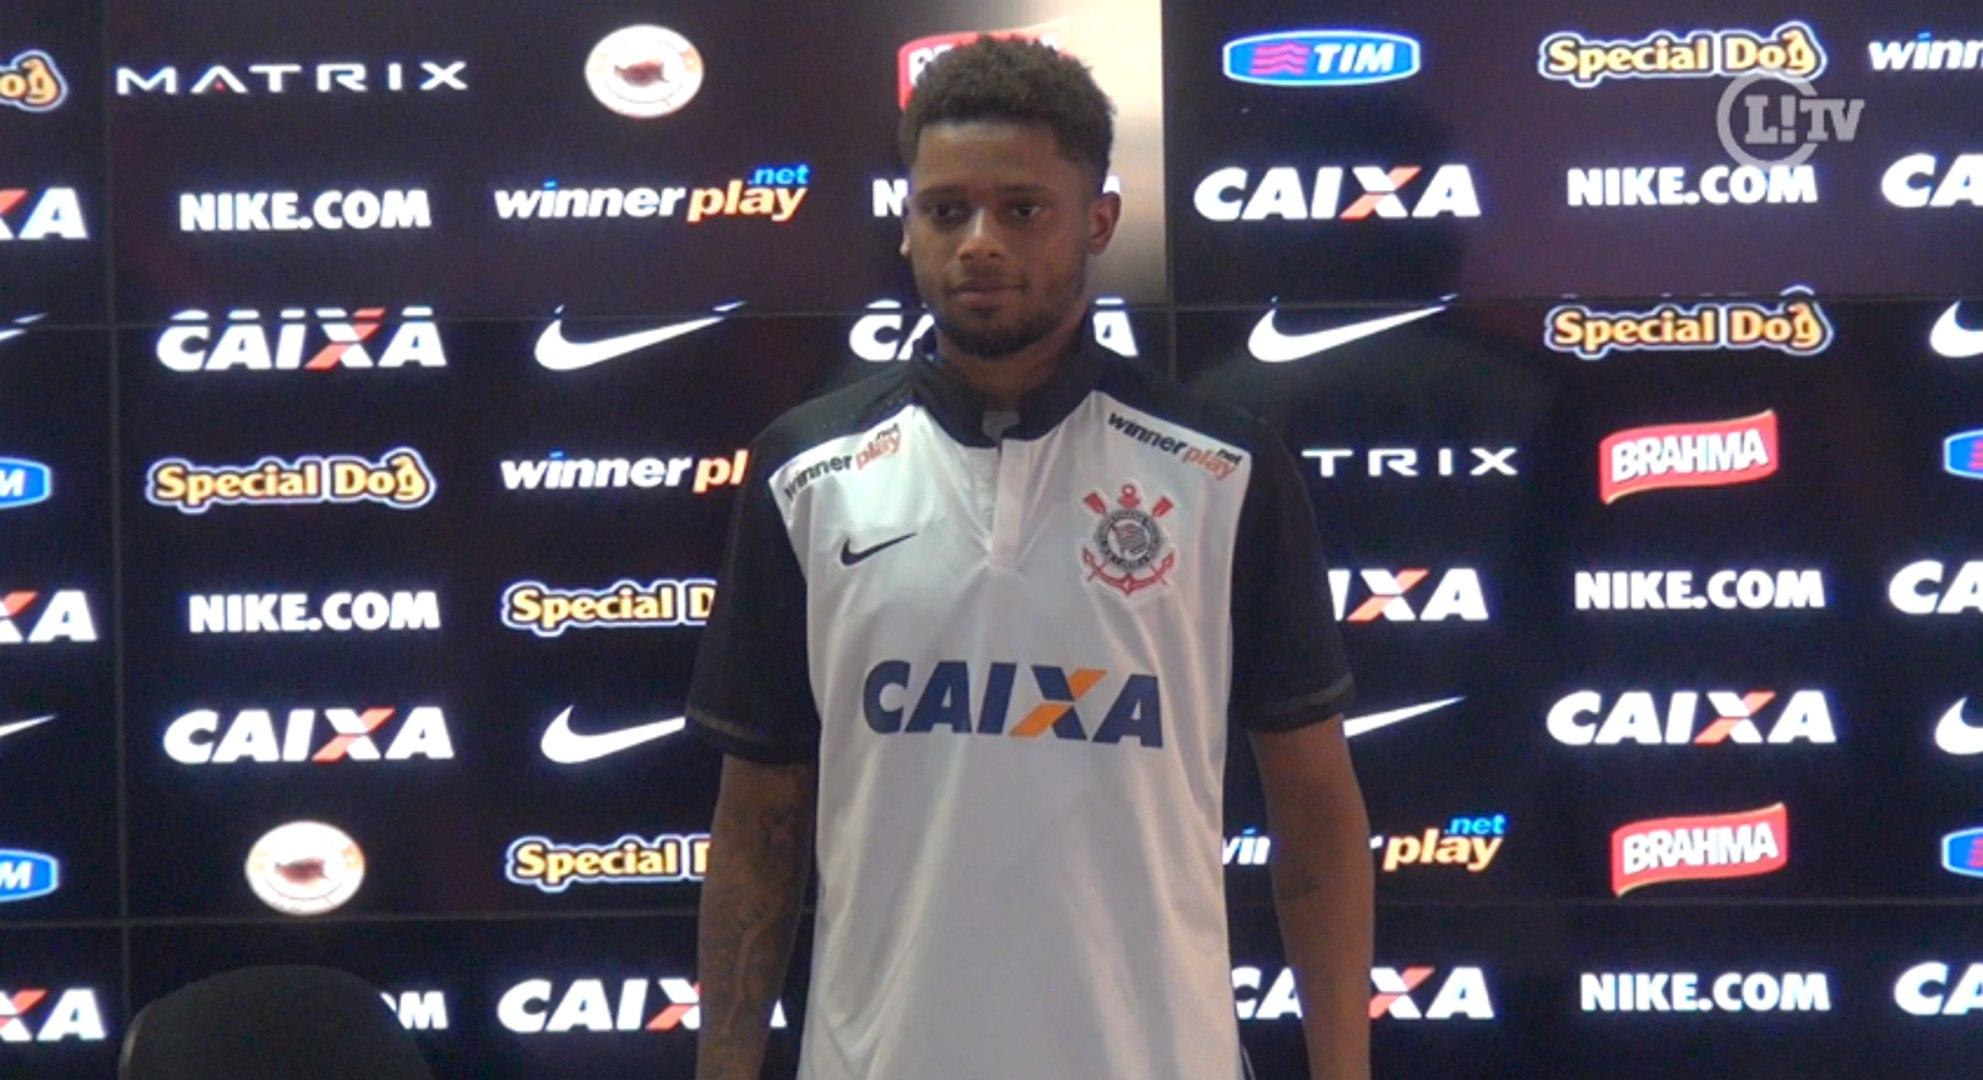 André é apresentado no Corinthians e quer esquecer polêmicas fora de campo